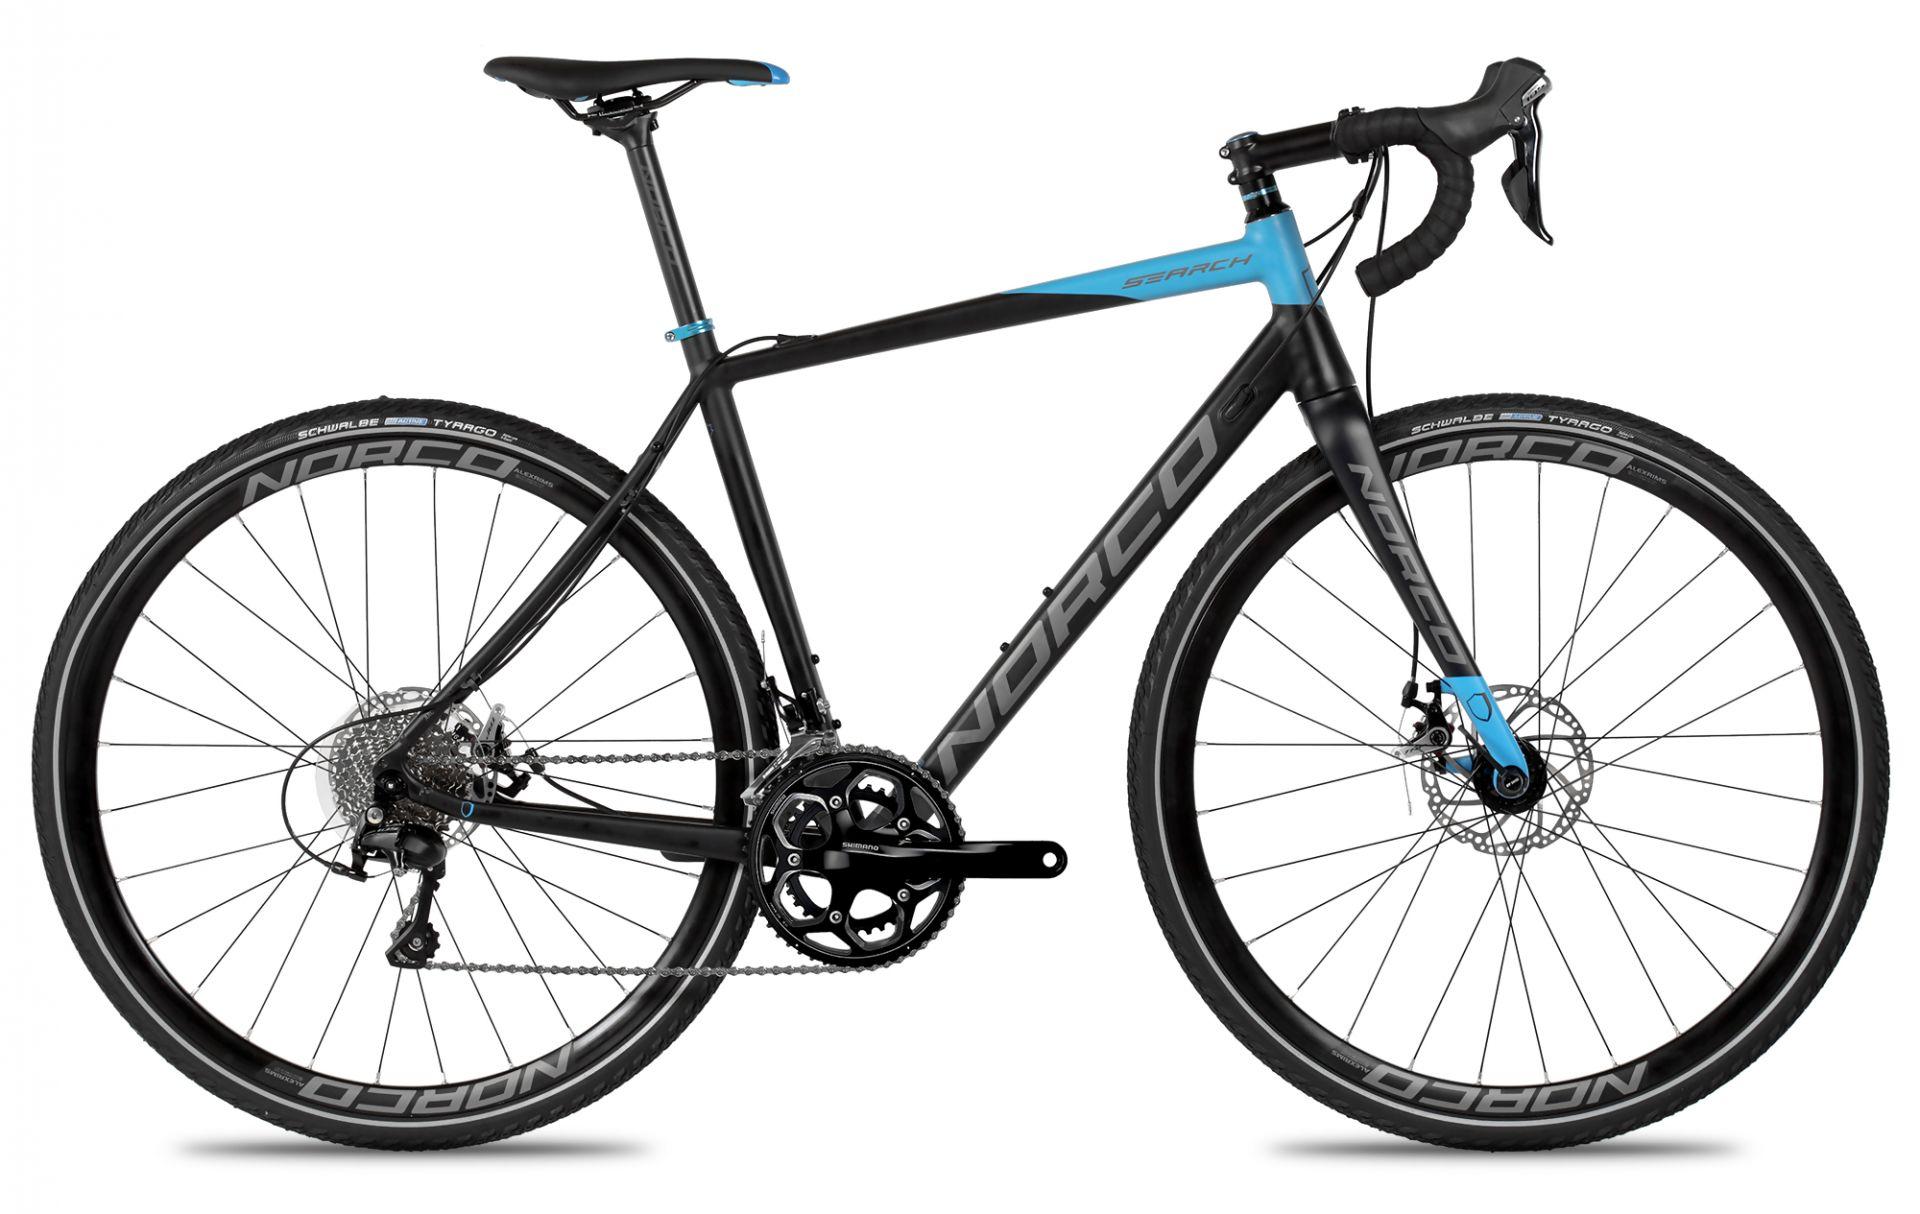 Vélo gravel Norco Search A 105 (Bleu/Noir) 2016 - 53 cm